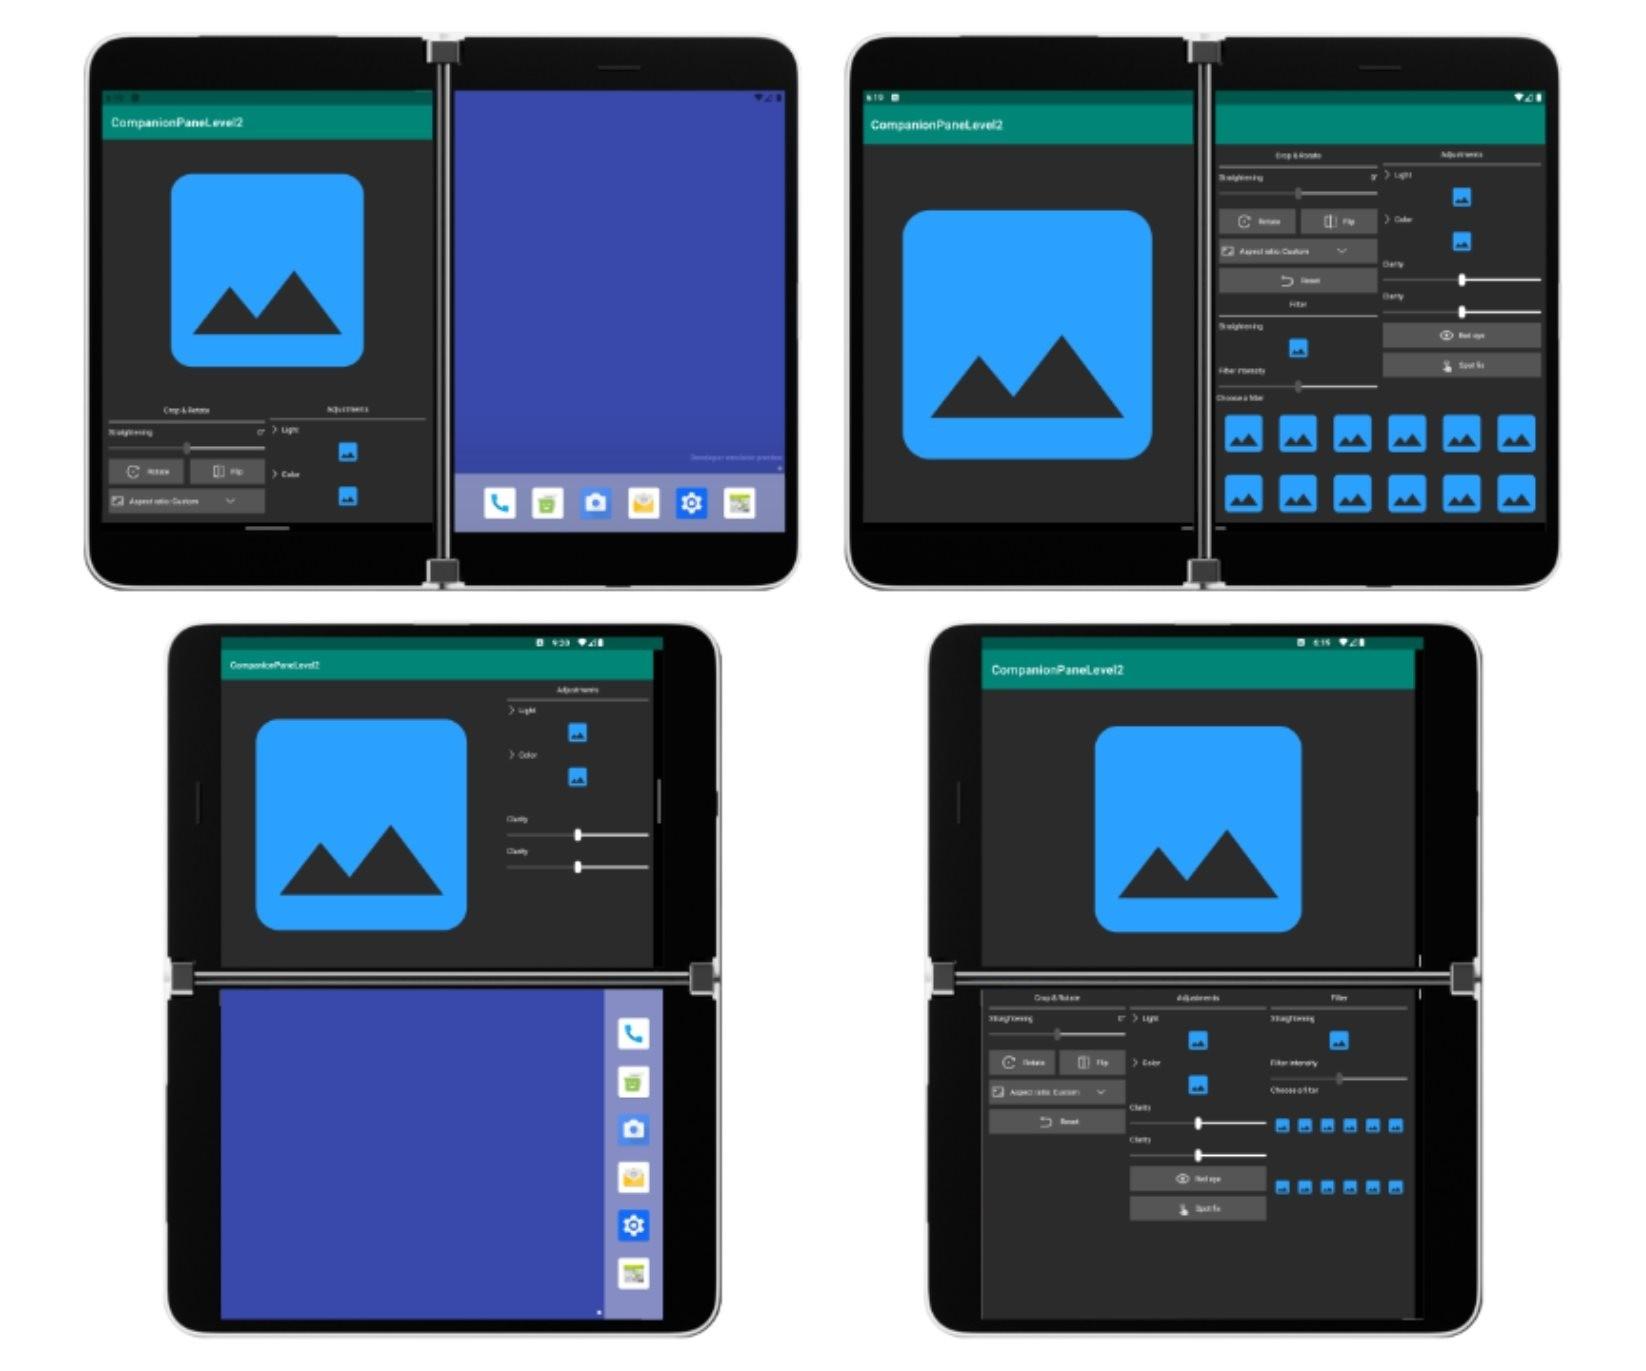 СМИ: вот так могут выглядеть приложения на двуэкранном смартфоне Surface